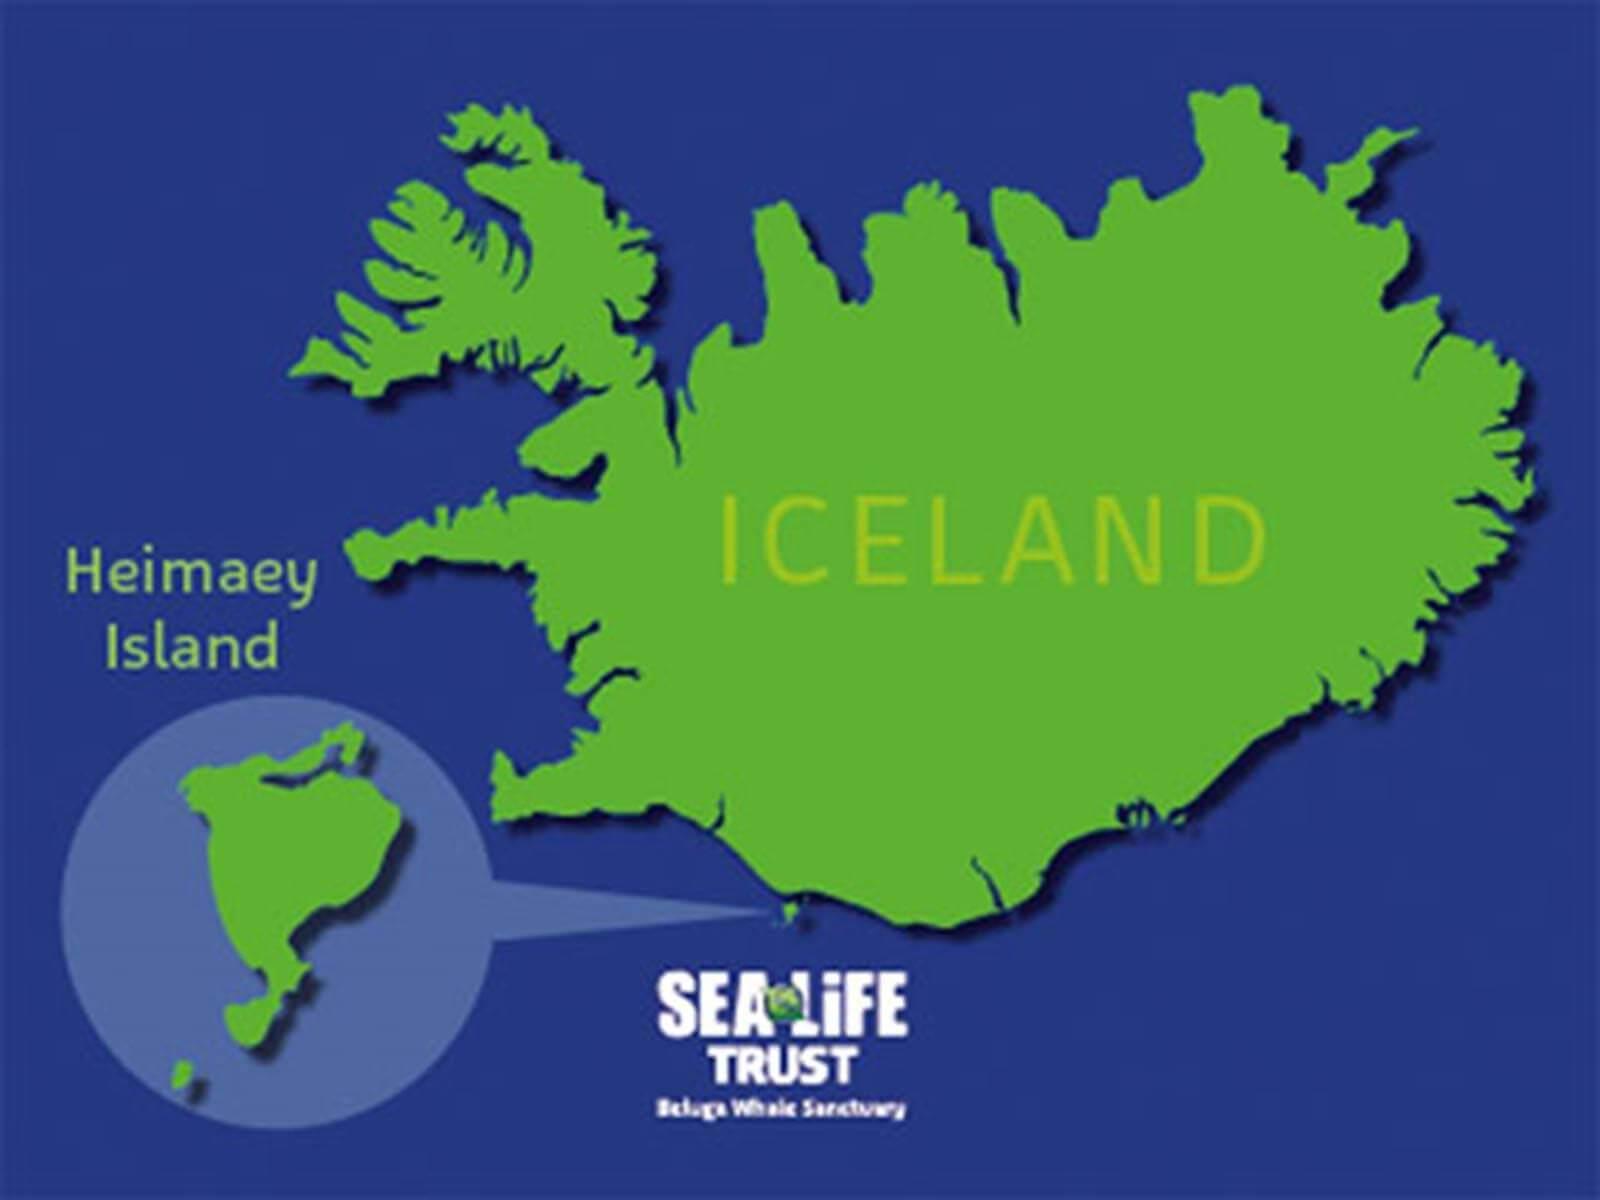 Carte de la baie par rapport à l'Islande